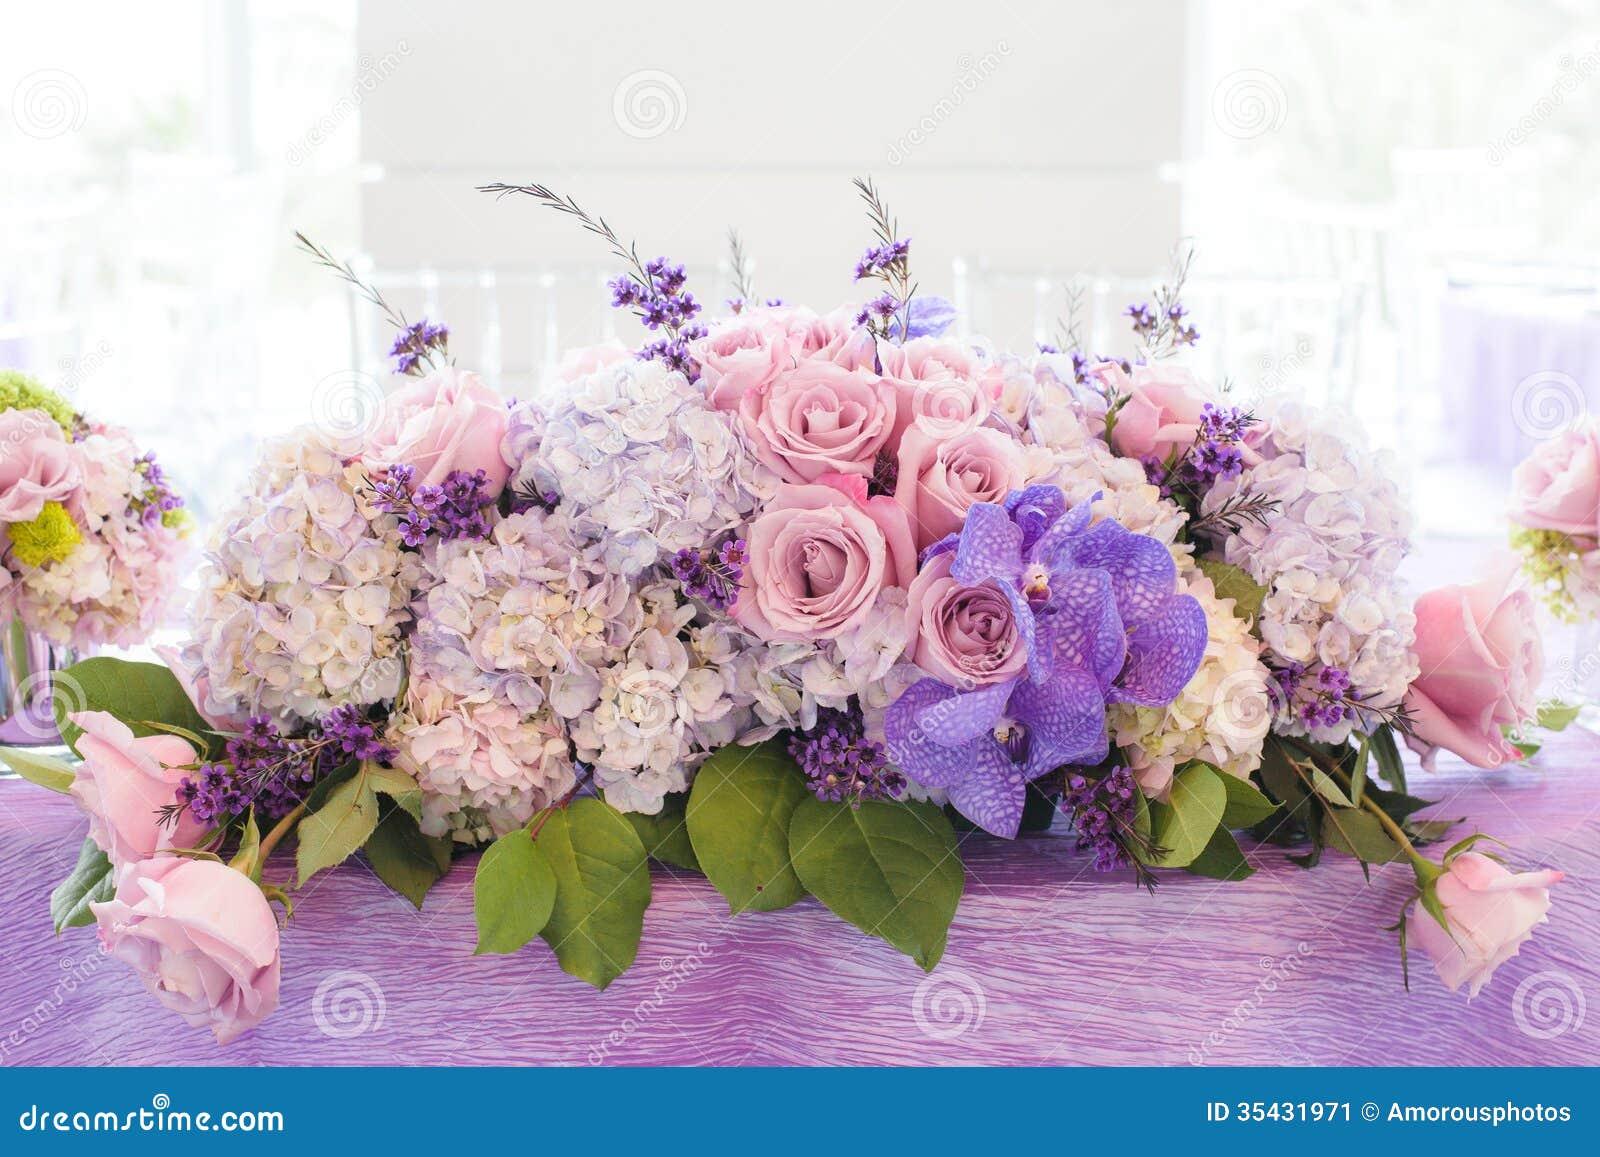 bouquet de mariage sur la table image stock - image du luxueux